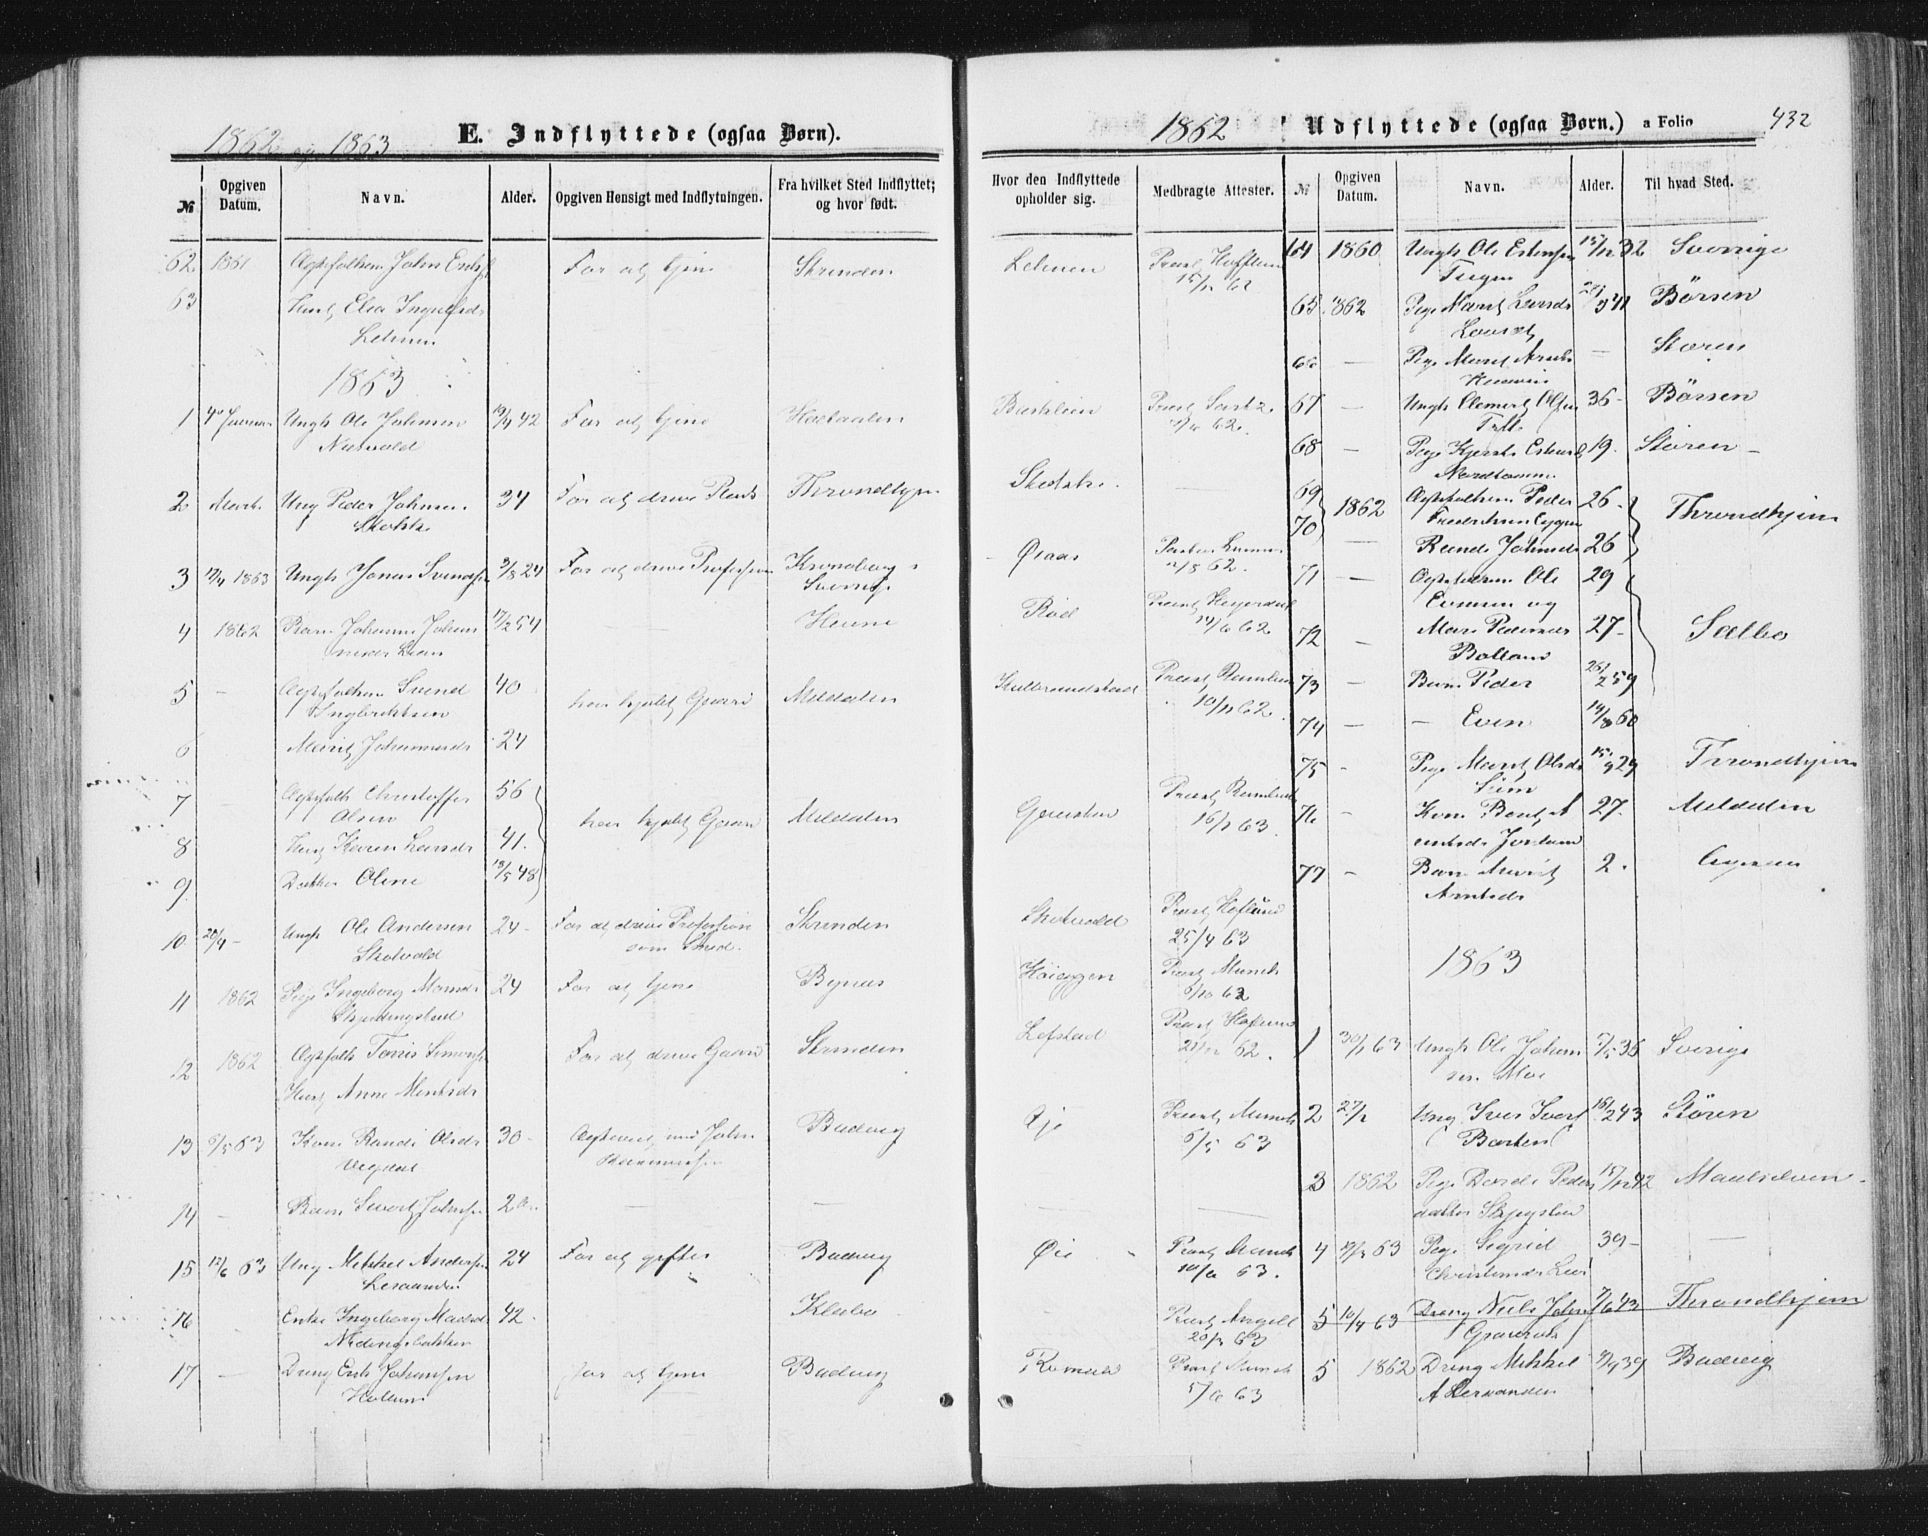 SAT, Ministerialprotokoller, klokkerbøker og fødselsregistre - Sør-Trøndelag, 691/L1077: Ministerialbok nr. 691A09, 1862-1873, s. 432